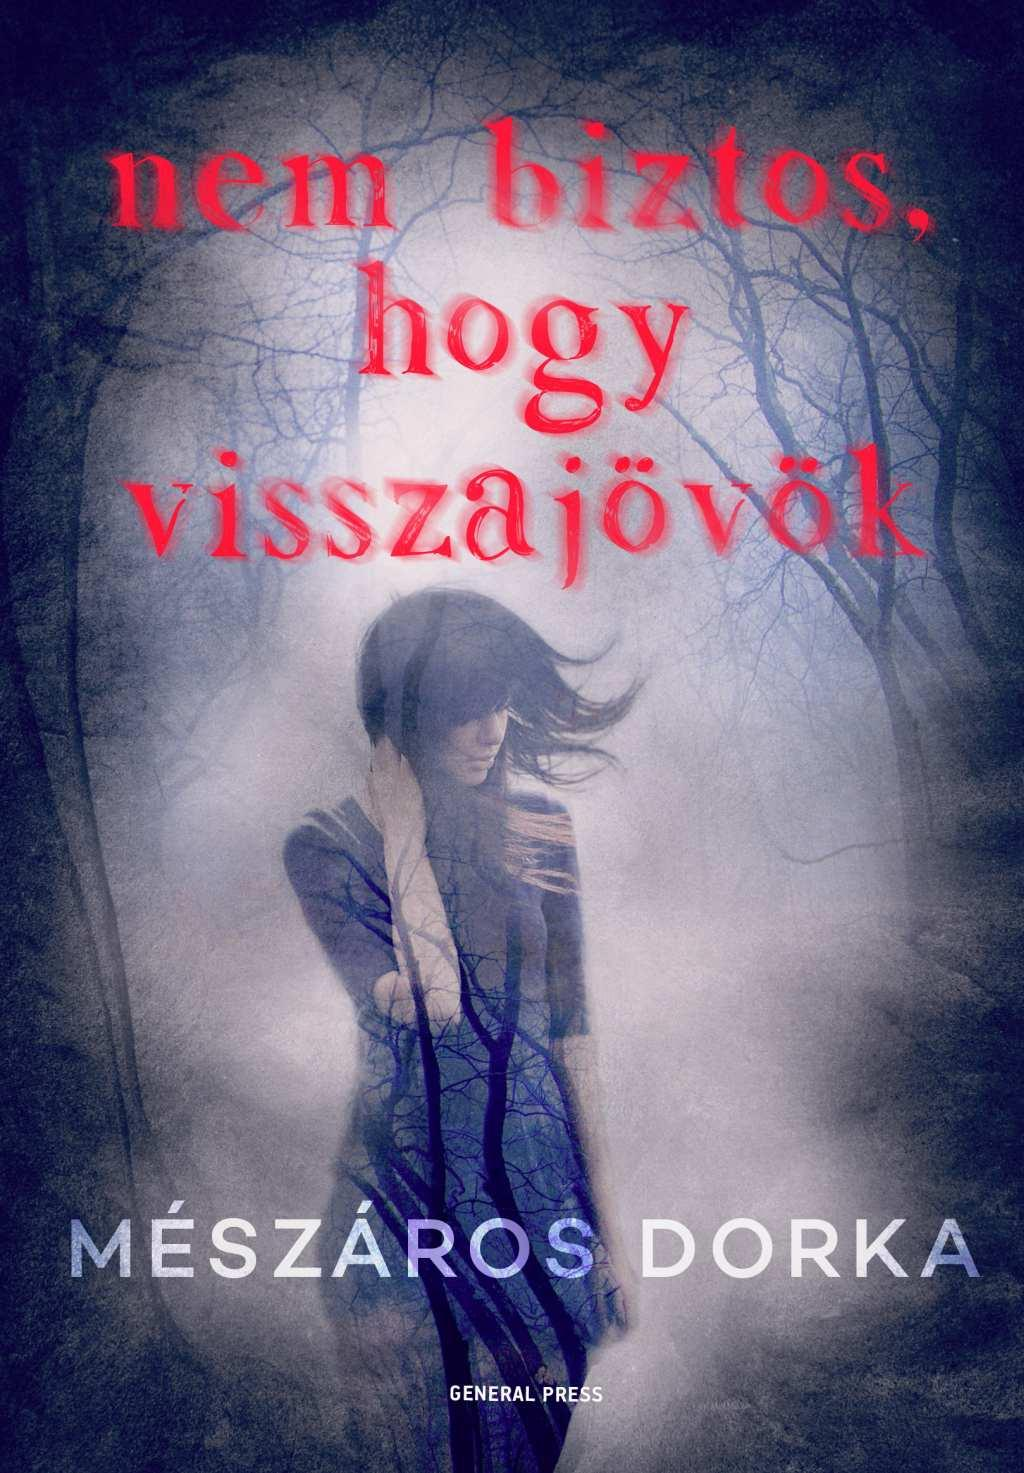 Mészáros Dorka - Nem biztos, hogy visszajövök